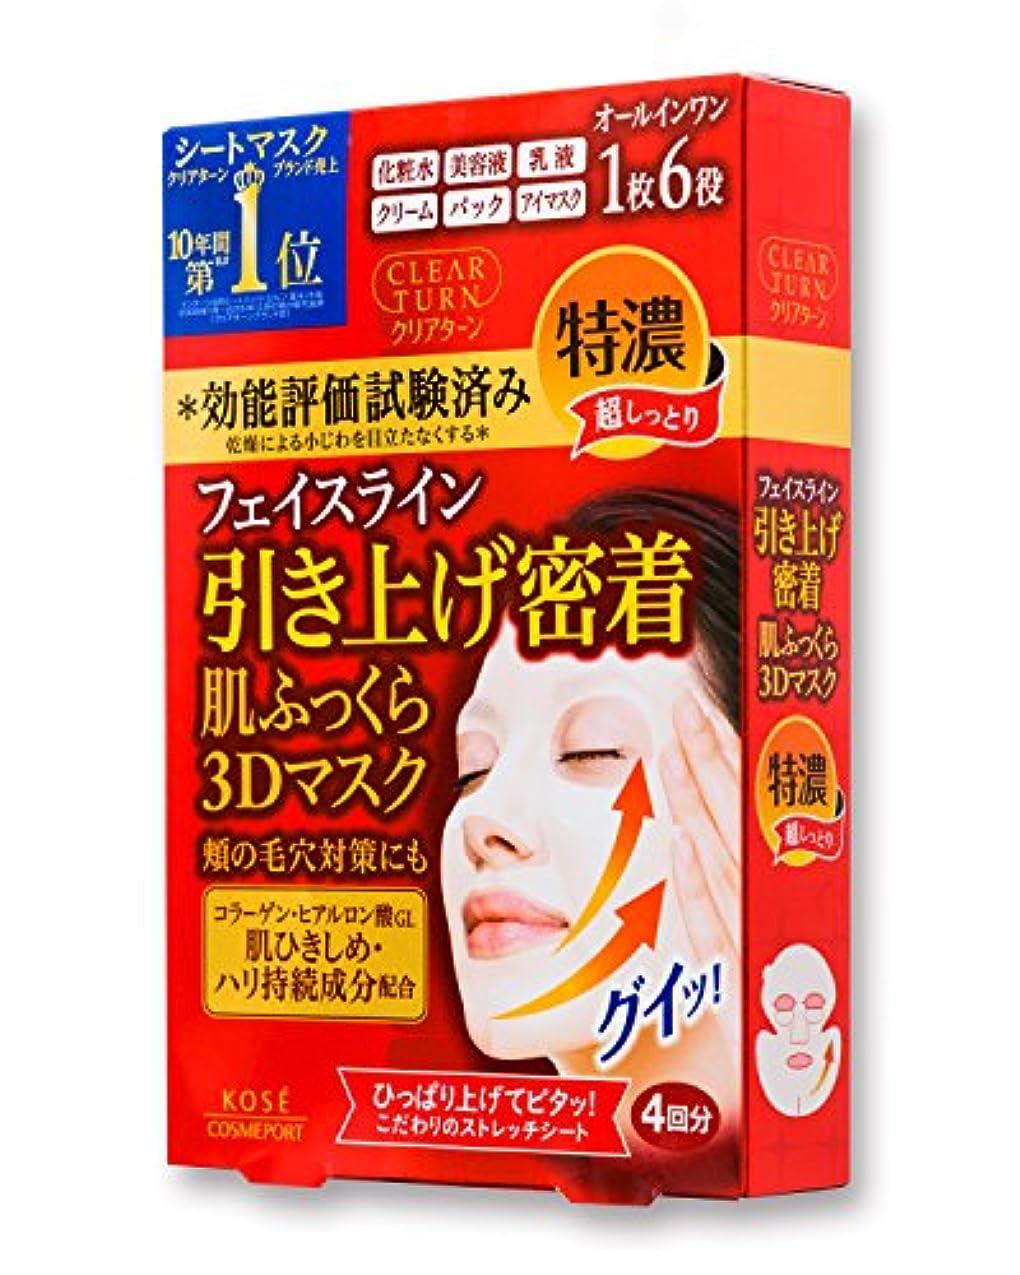 変形する閉じ込めるヶ月目KOSE コーセー クリアターン 肌ふっくら モイスト リフト マスク 4枚 フェイスマスク